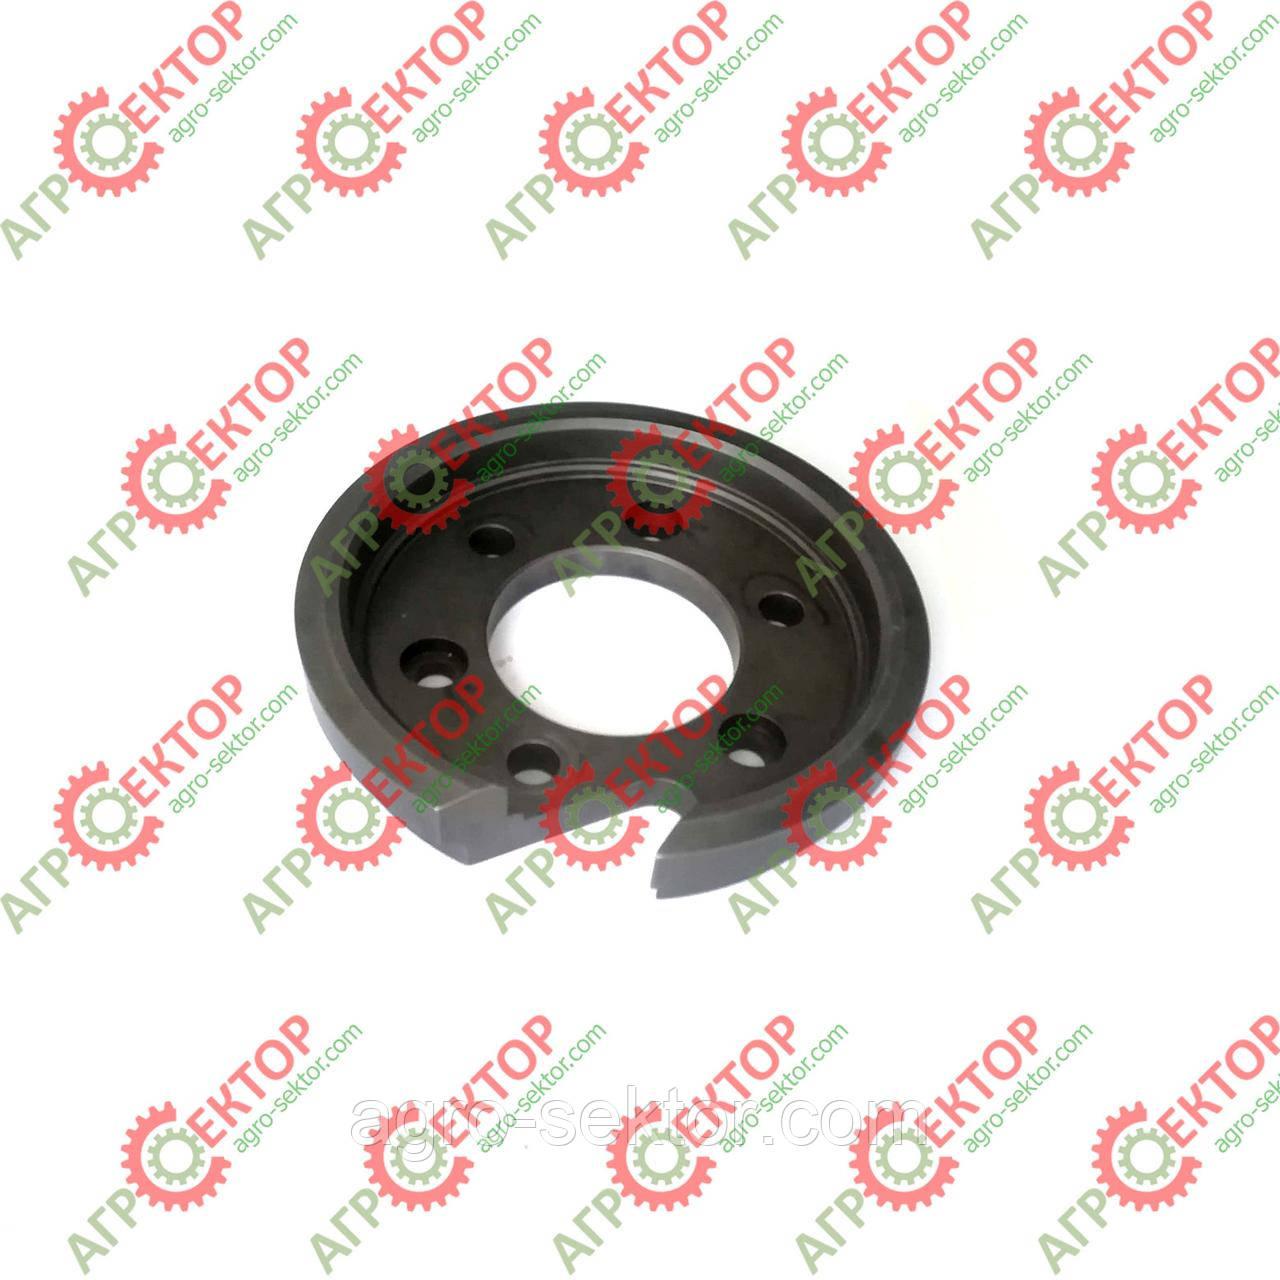 Колесо храповое шестерни включення в'язального апарату прес-підбирача Famarol Z-511 8245-511-007-131